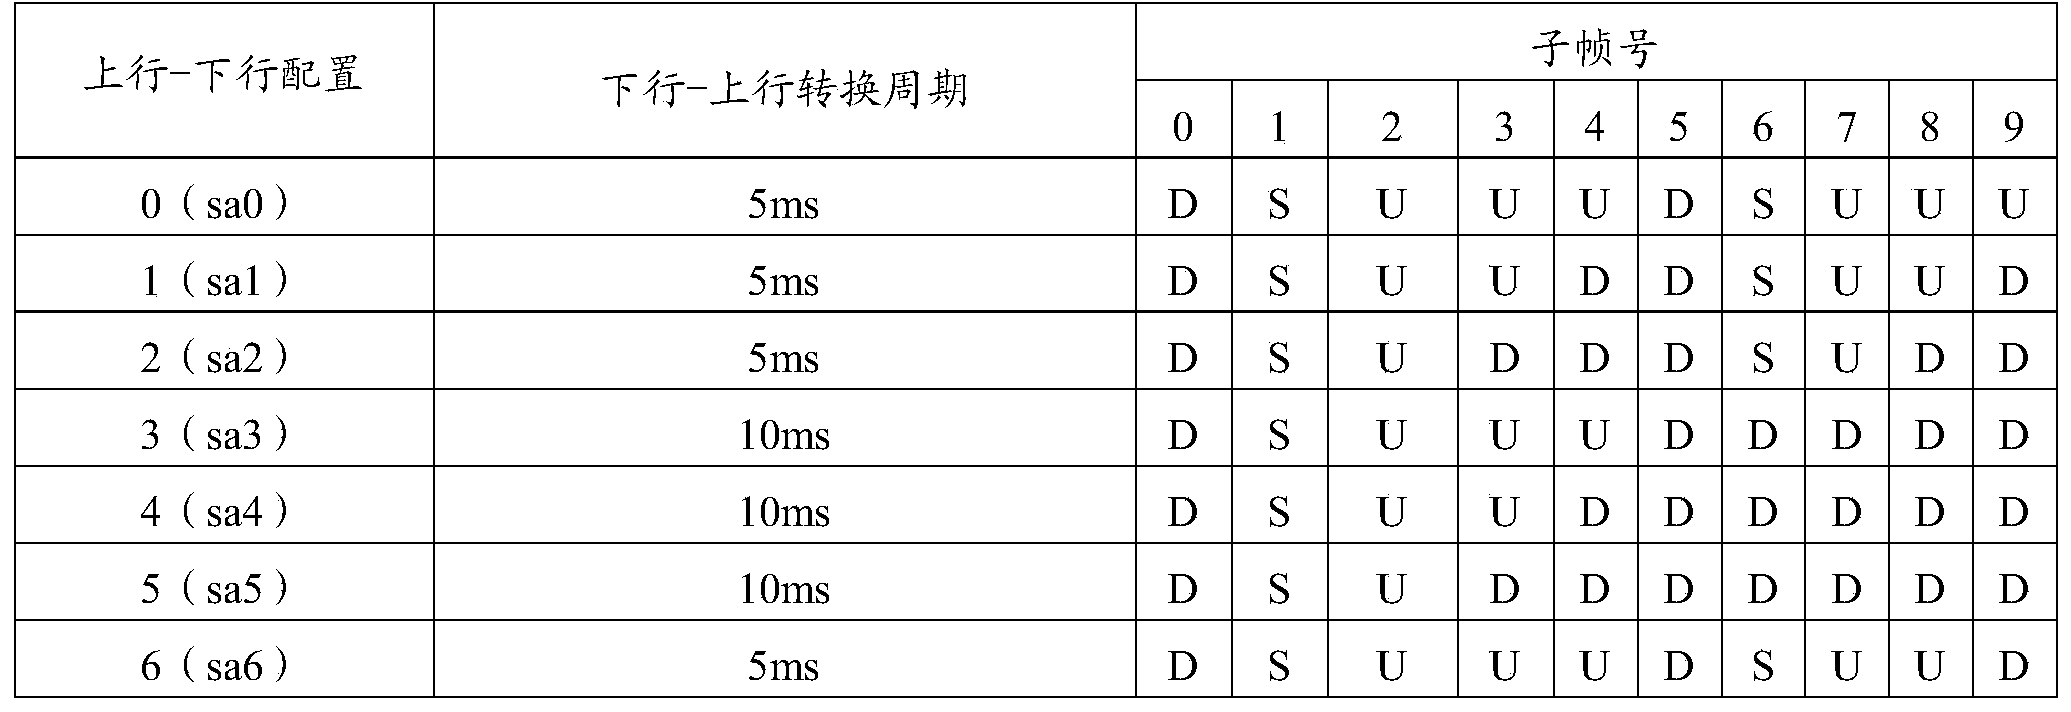 Figure PCTCN2019097798-appb-000002